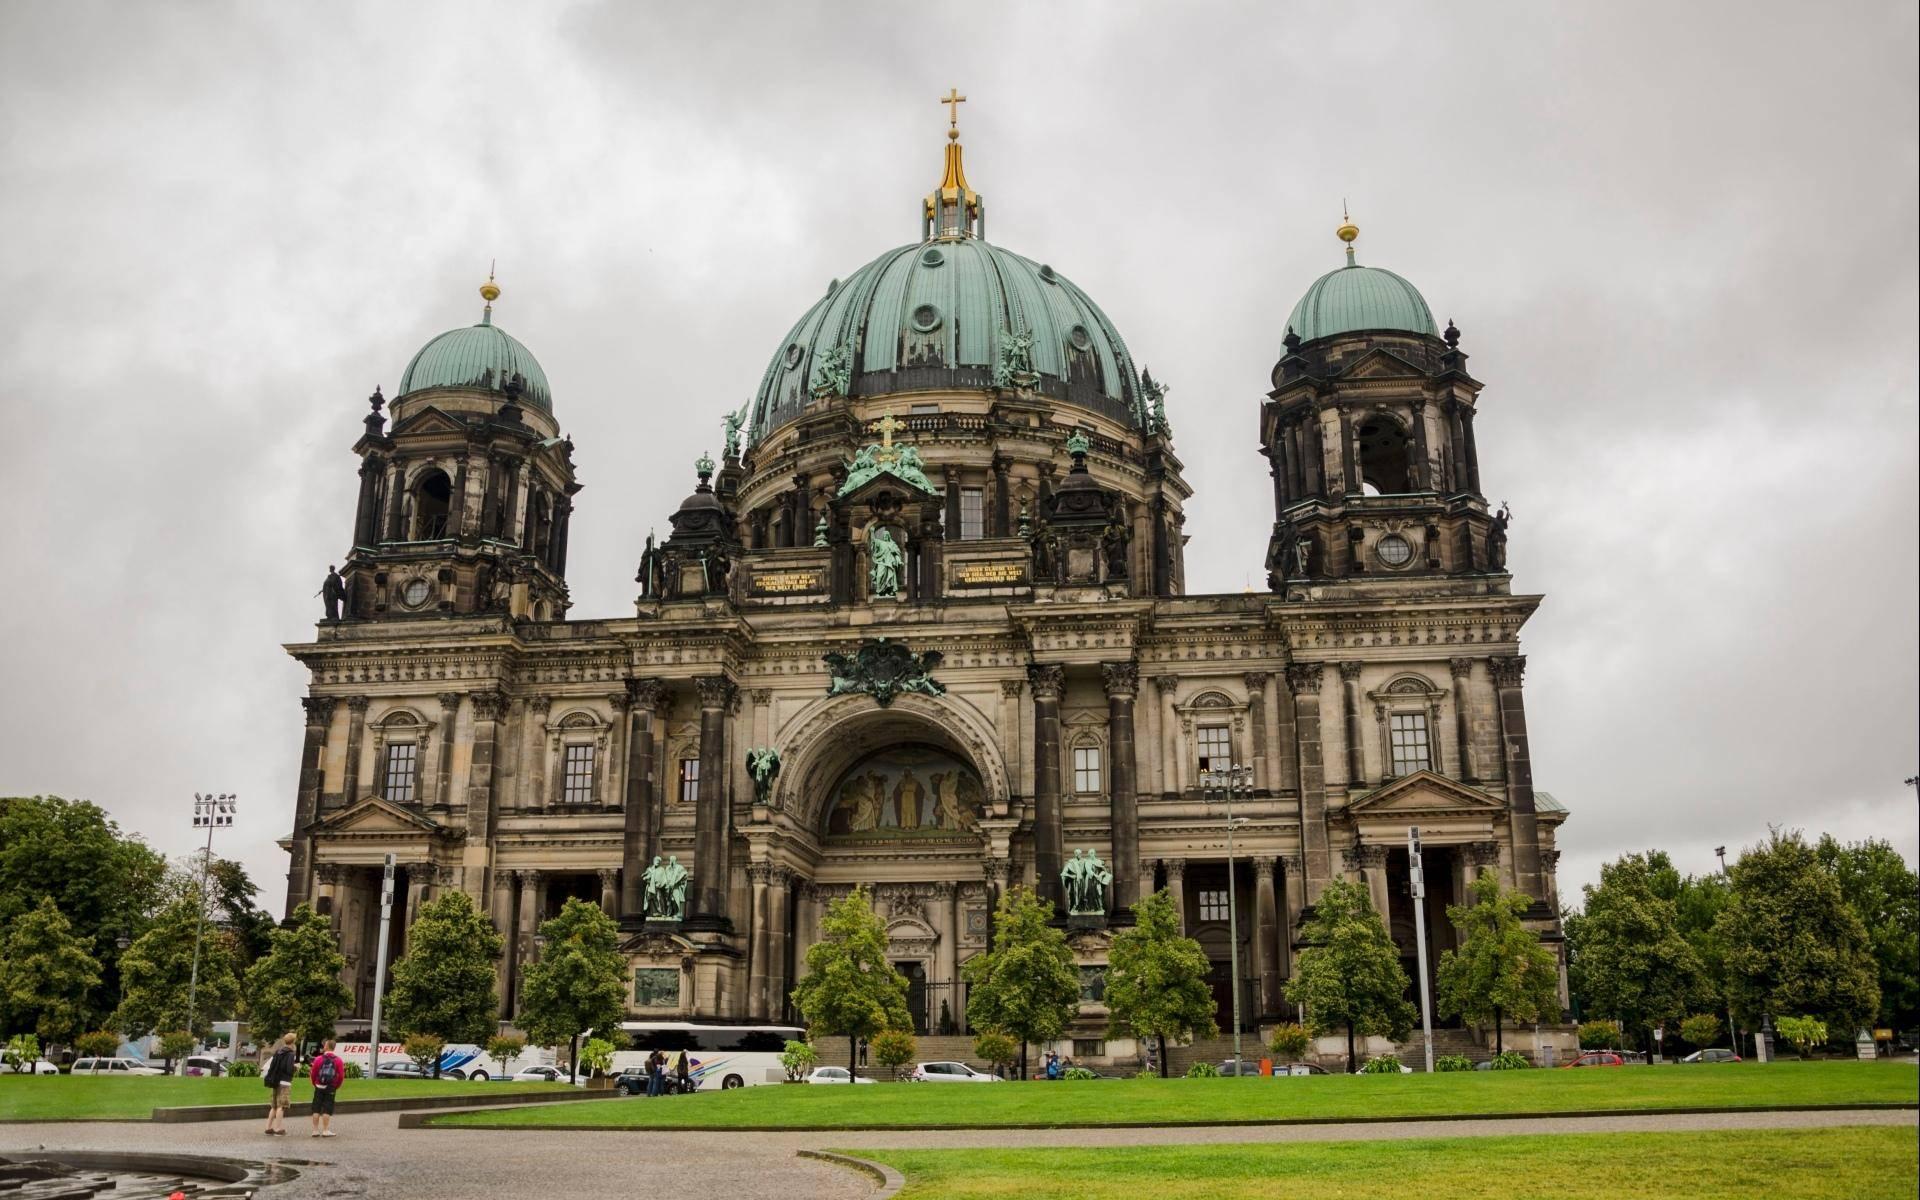 Немецкий собор в берлине: история, описание, фото